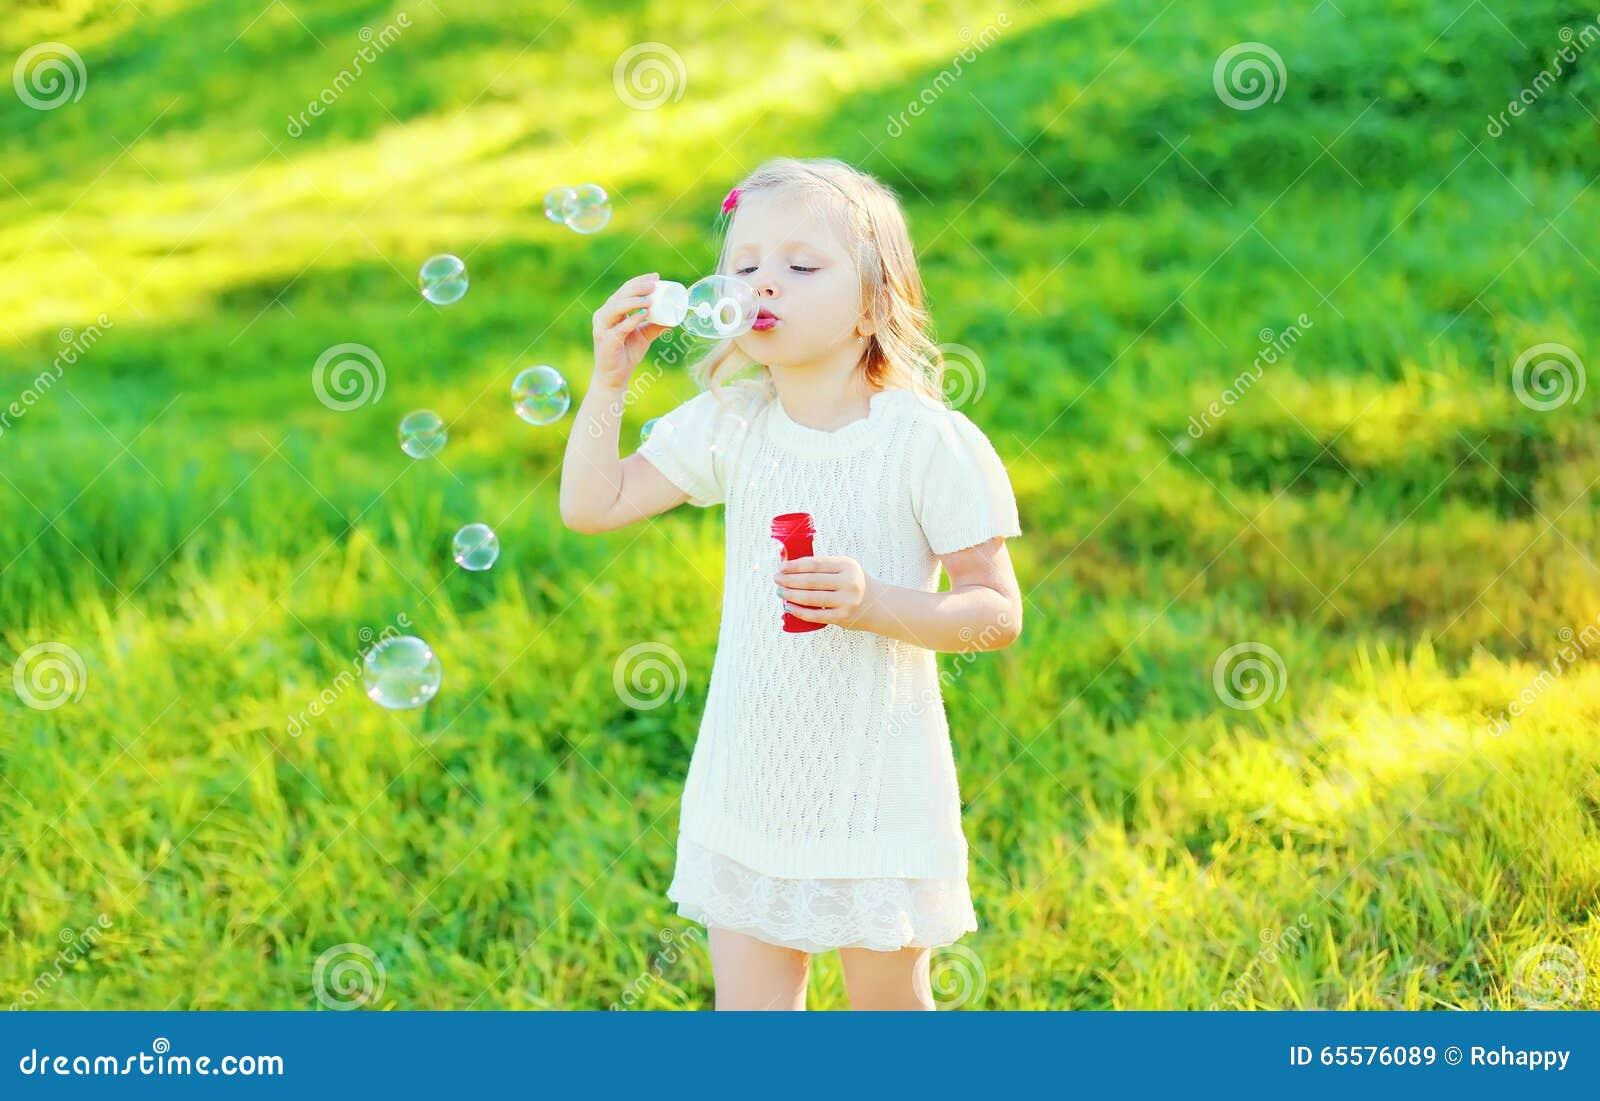 Bolhas de sabão de sopro da criança da menina no verão